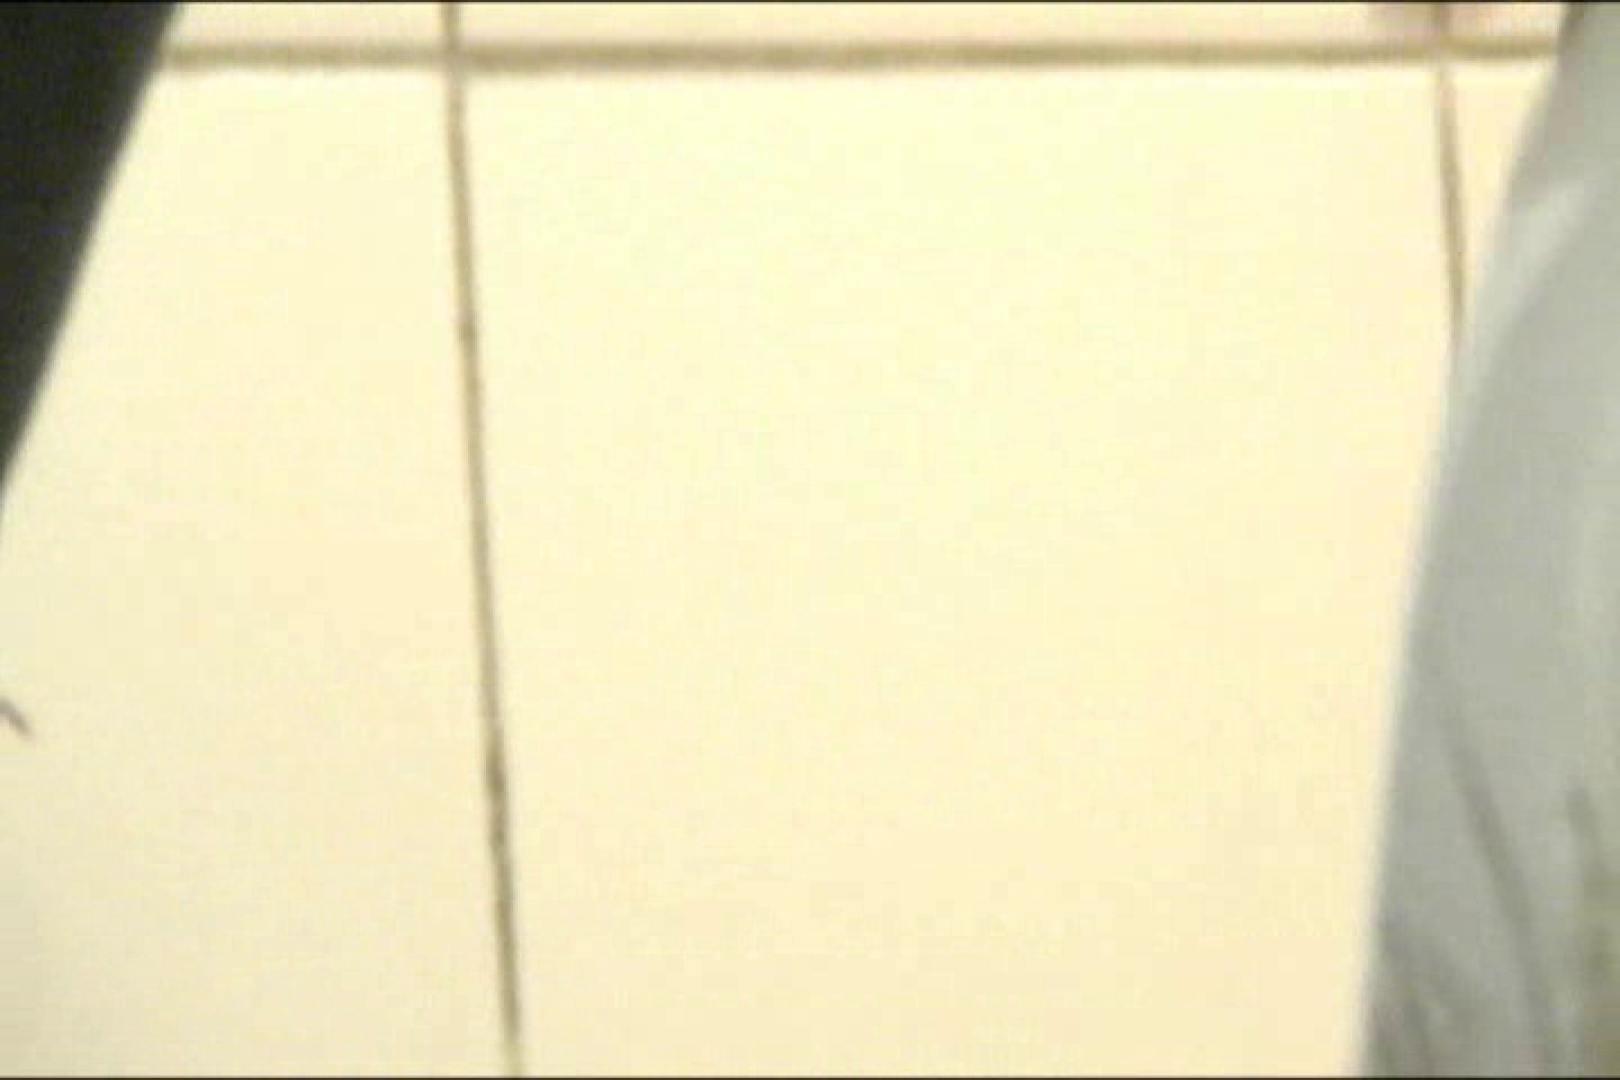 マンコ丸見え女子洗面所Vol.1 OL女体 われめAV動画紹介 107連発 56